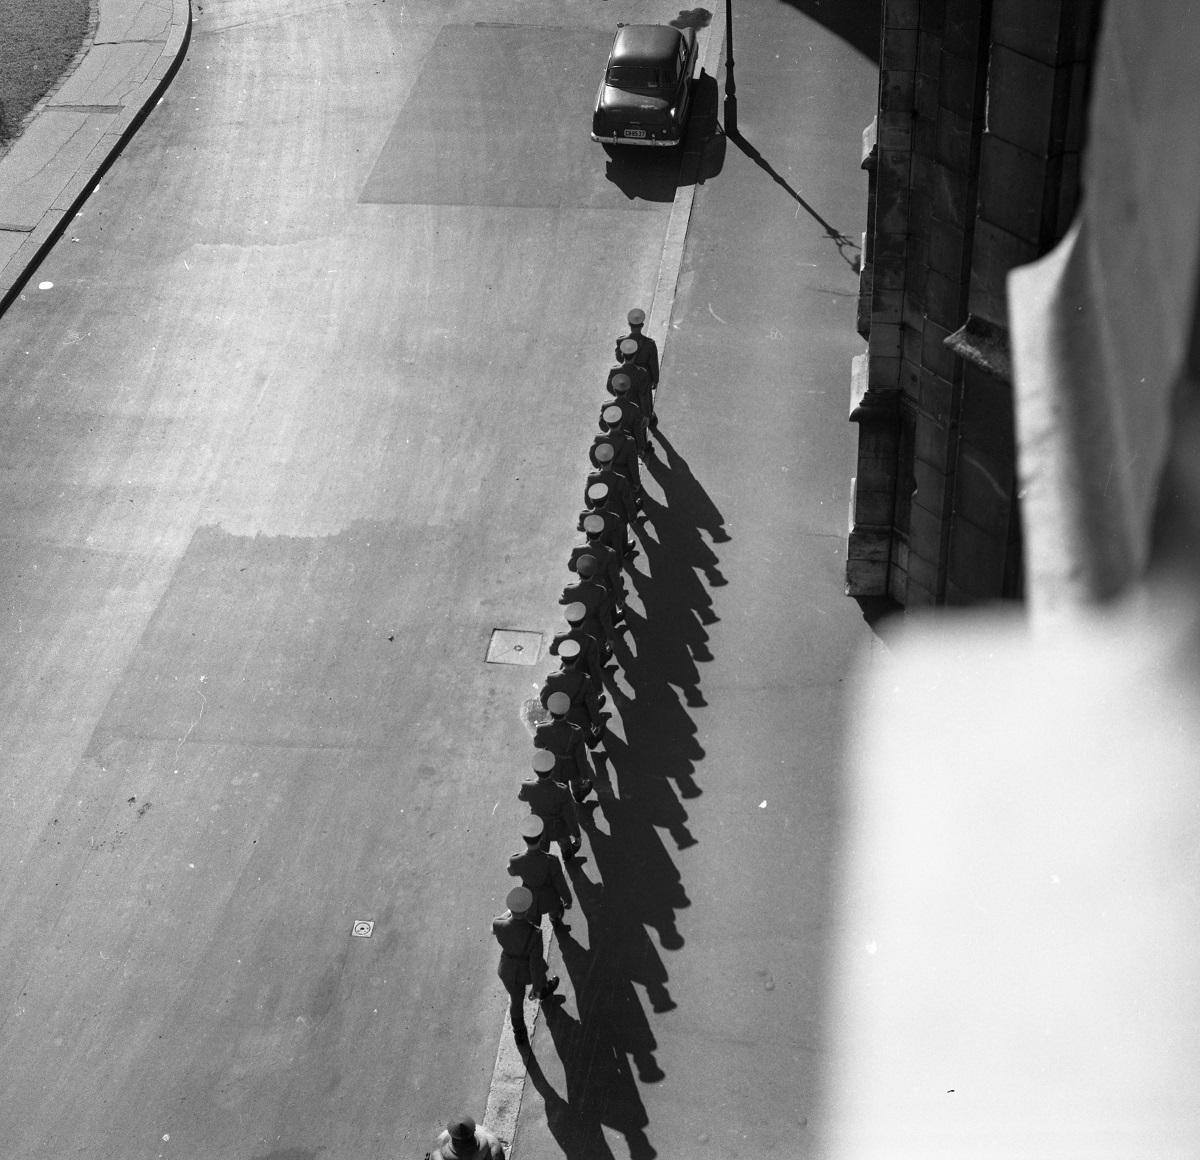 Fotó: Kossuth Lajos tér, a felvétel a Parlament erkélyéről készült., Budapest V. ker., Magyarország, 1964 © Fortepan / magyar rendőr